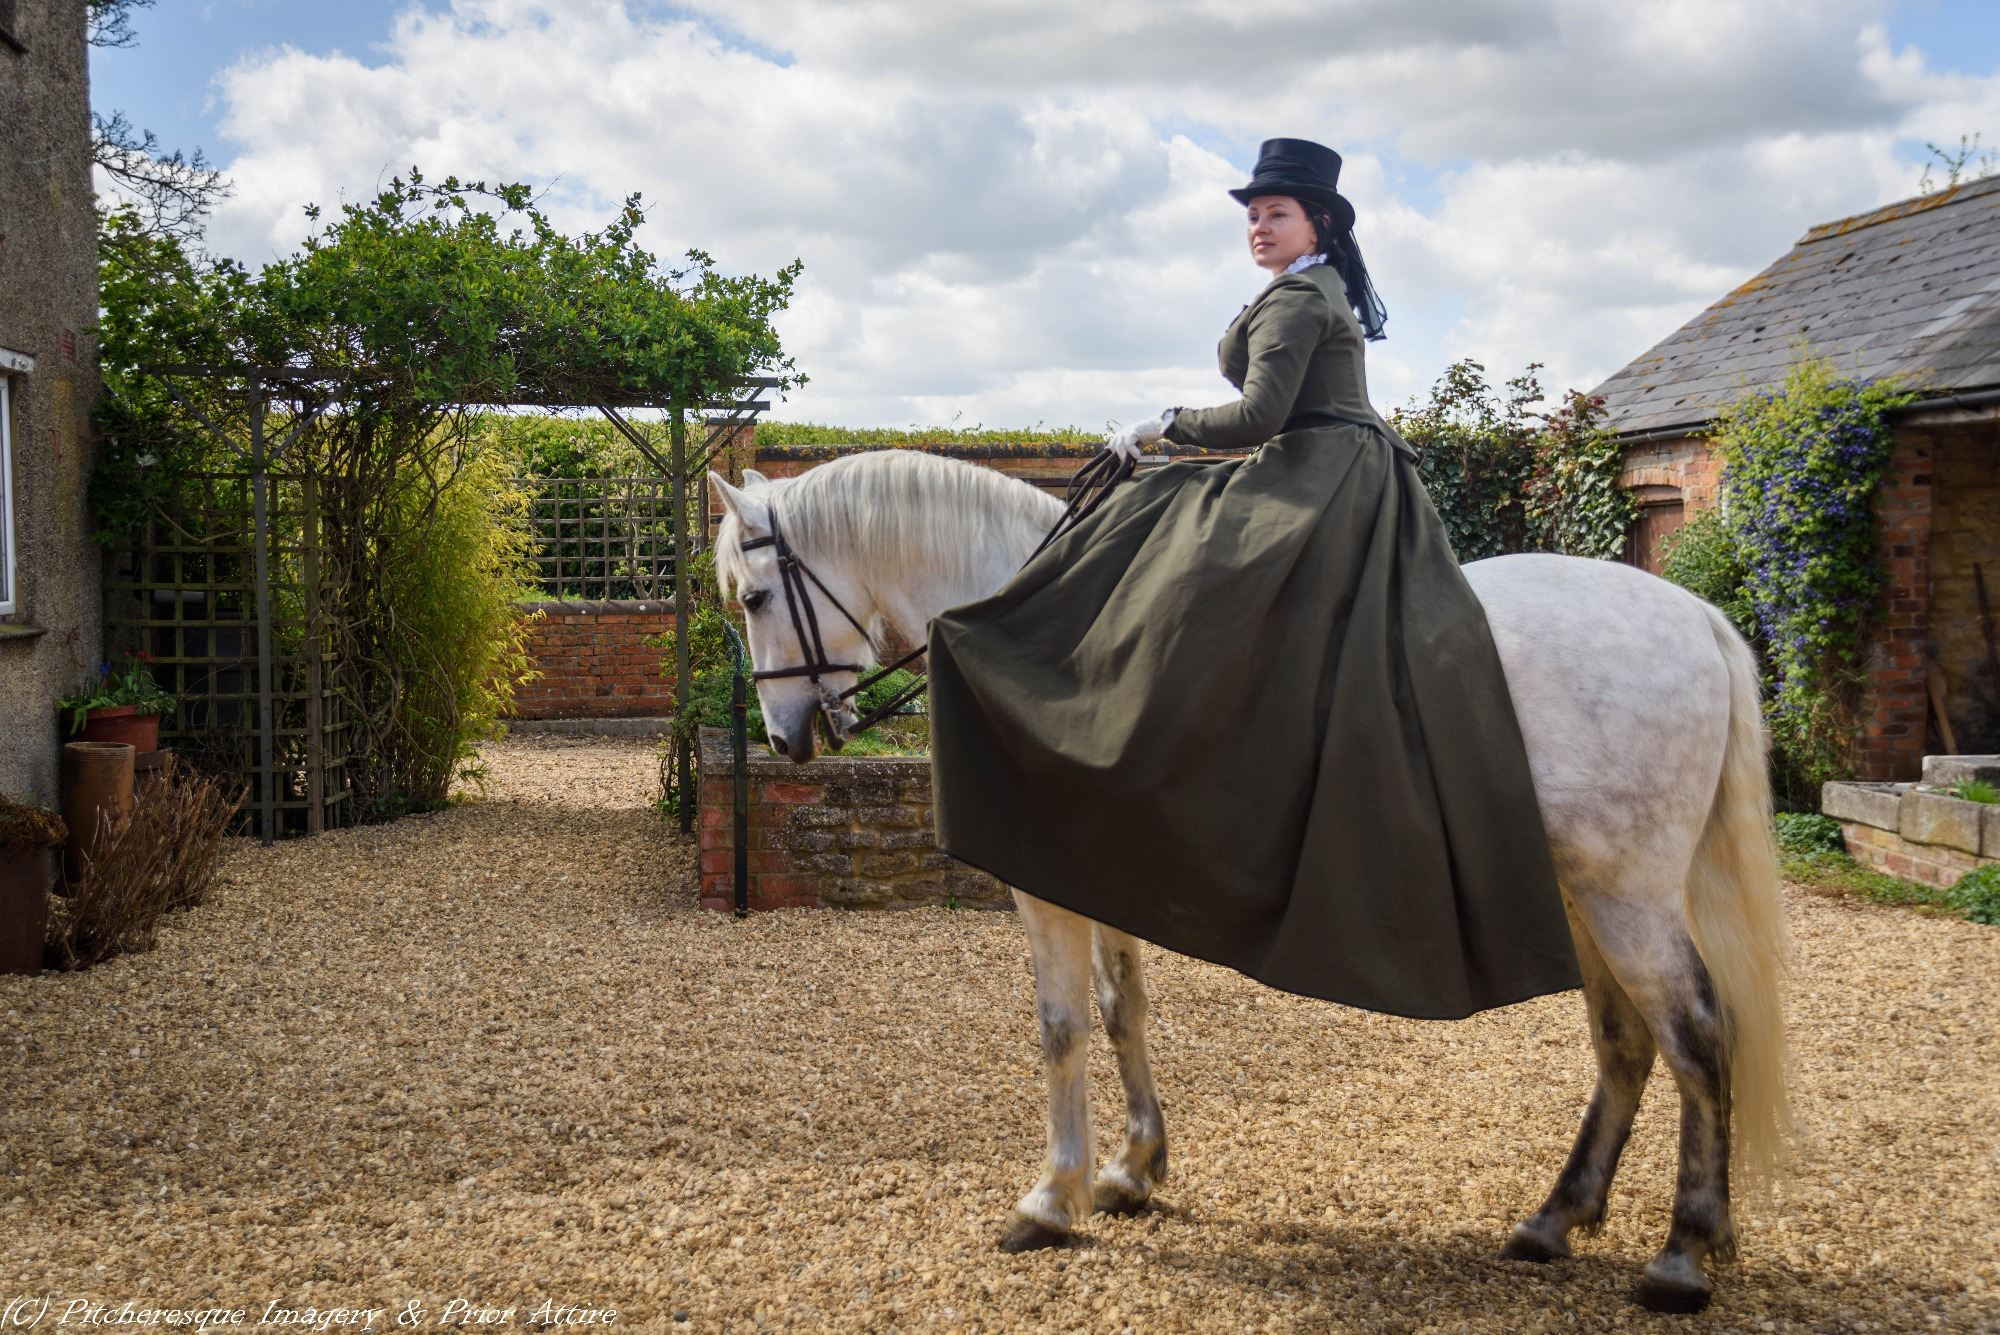 Phụ nữ Anh thời xưa phải 'sống chậm' vì trang phục quá rườm rà?